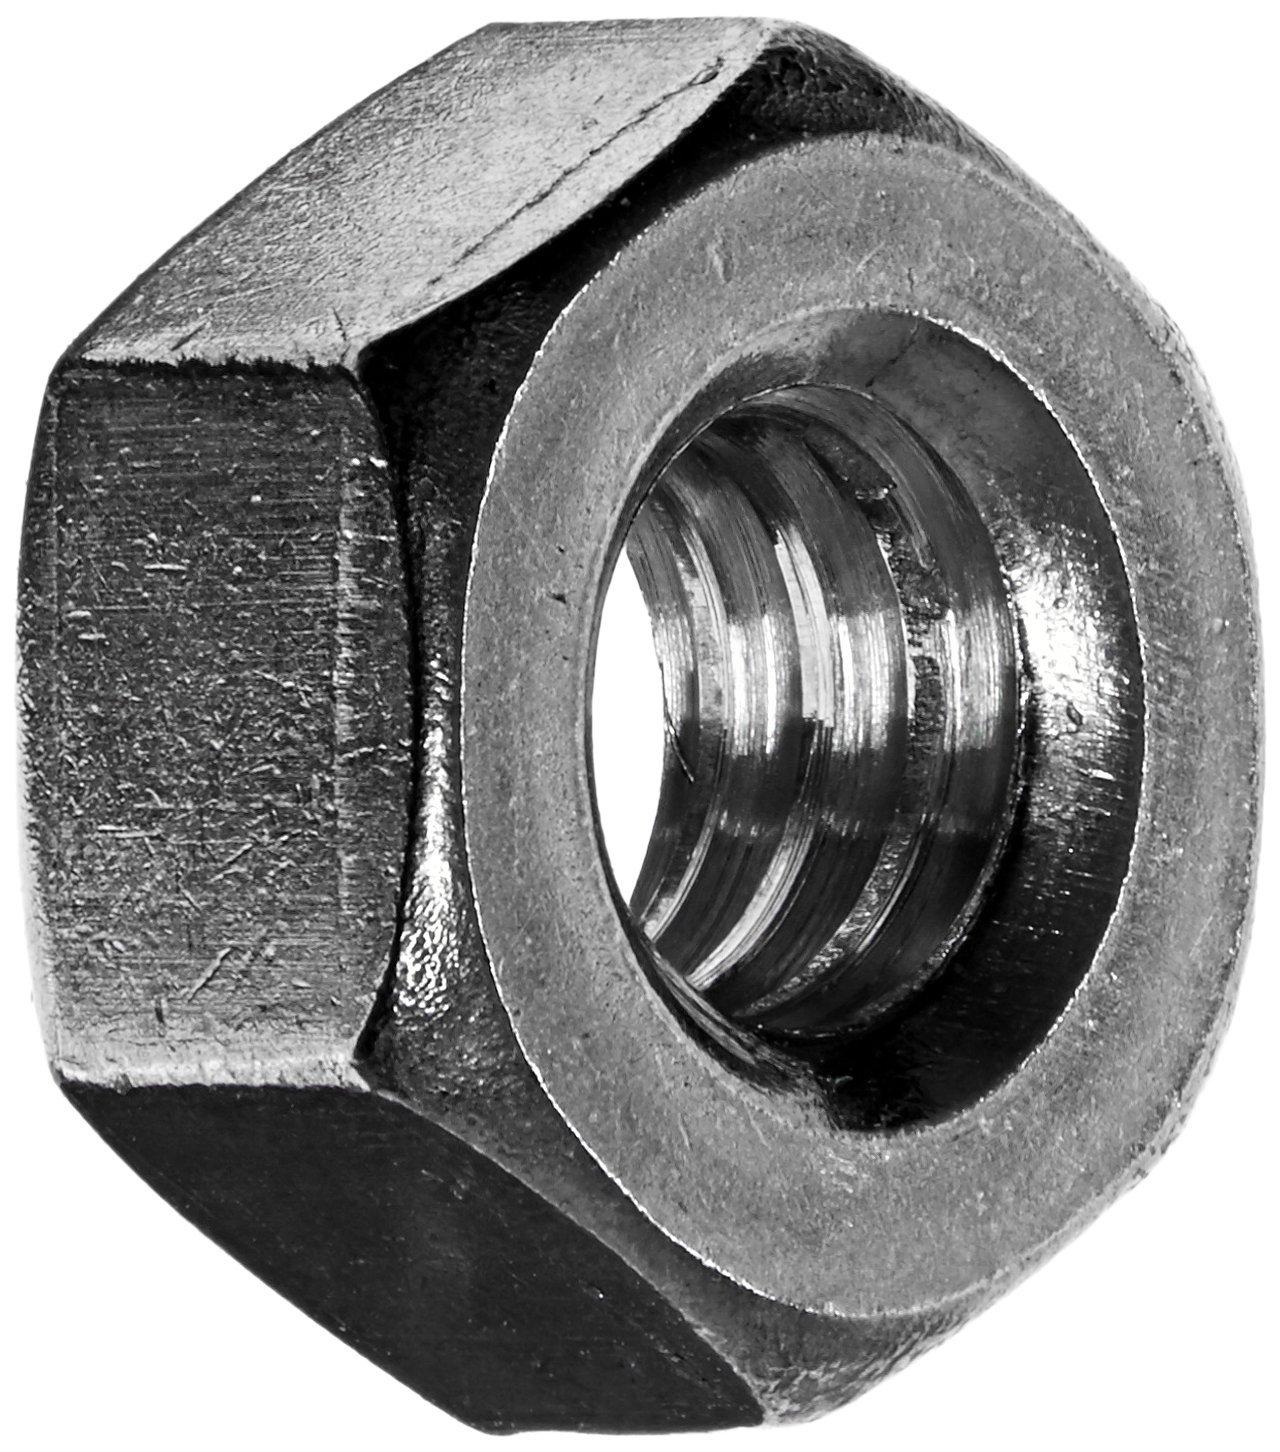 Thép không gỉ bin Thörl r01015 cầm bolt Nut thay thế thương mại nước dưới chân không.